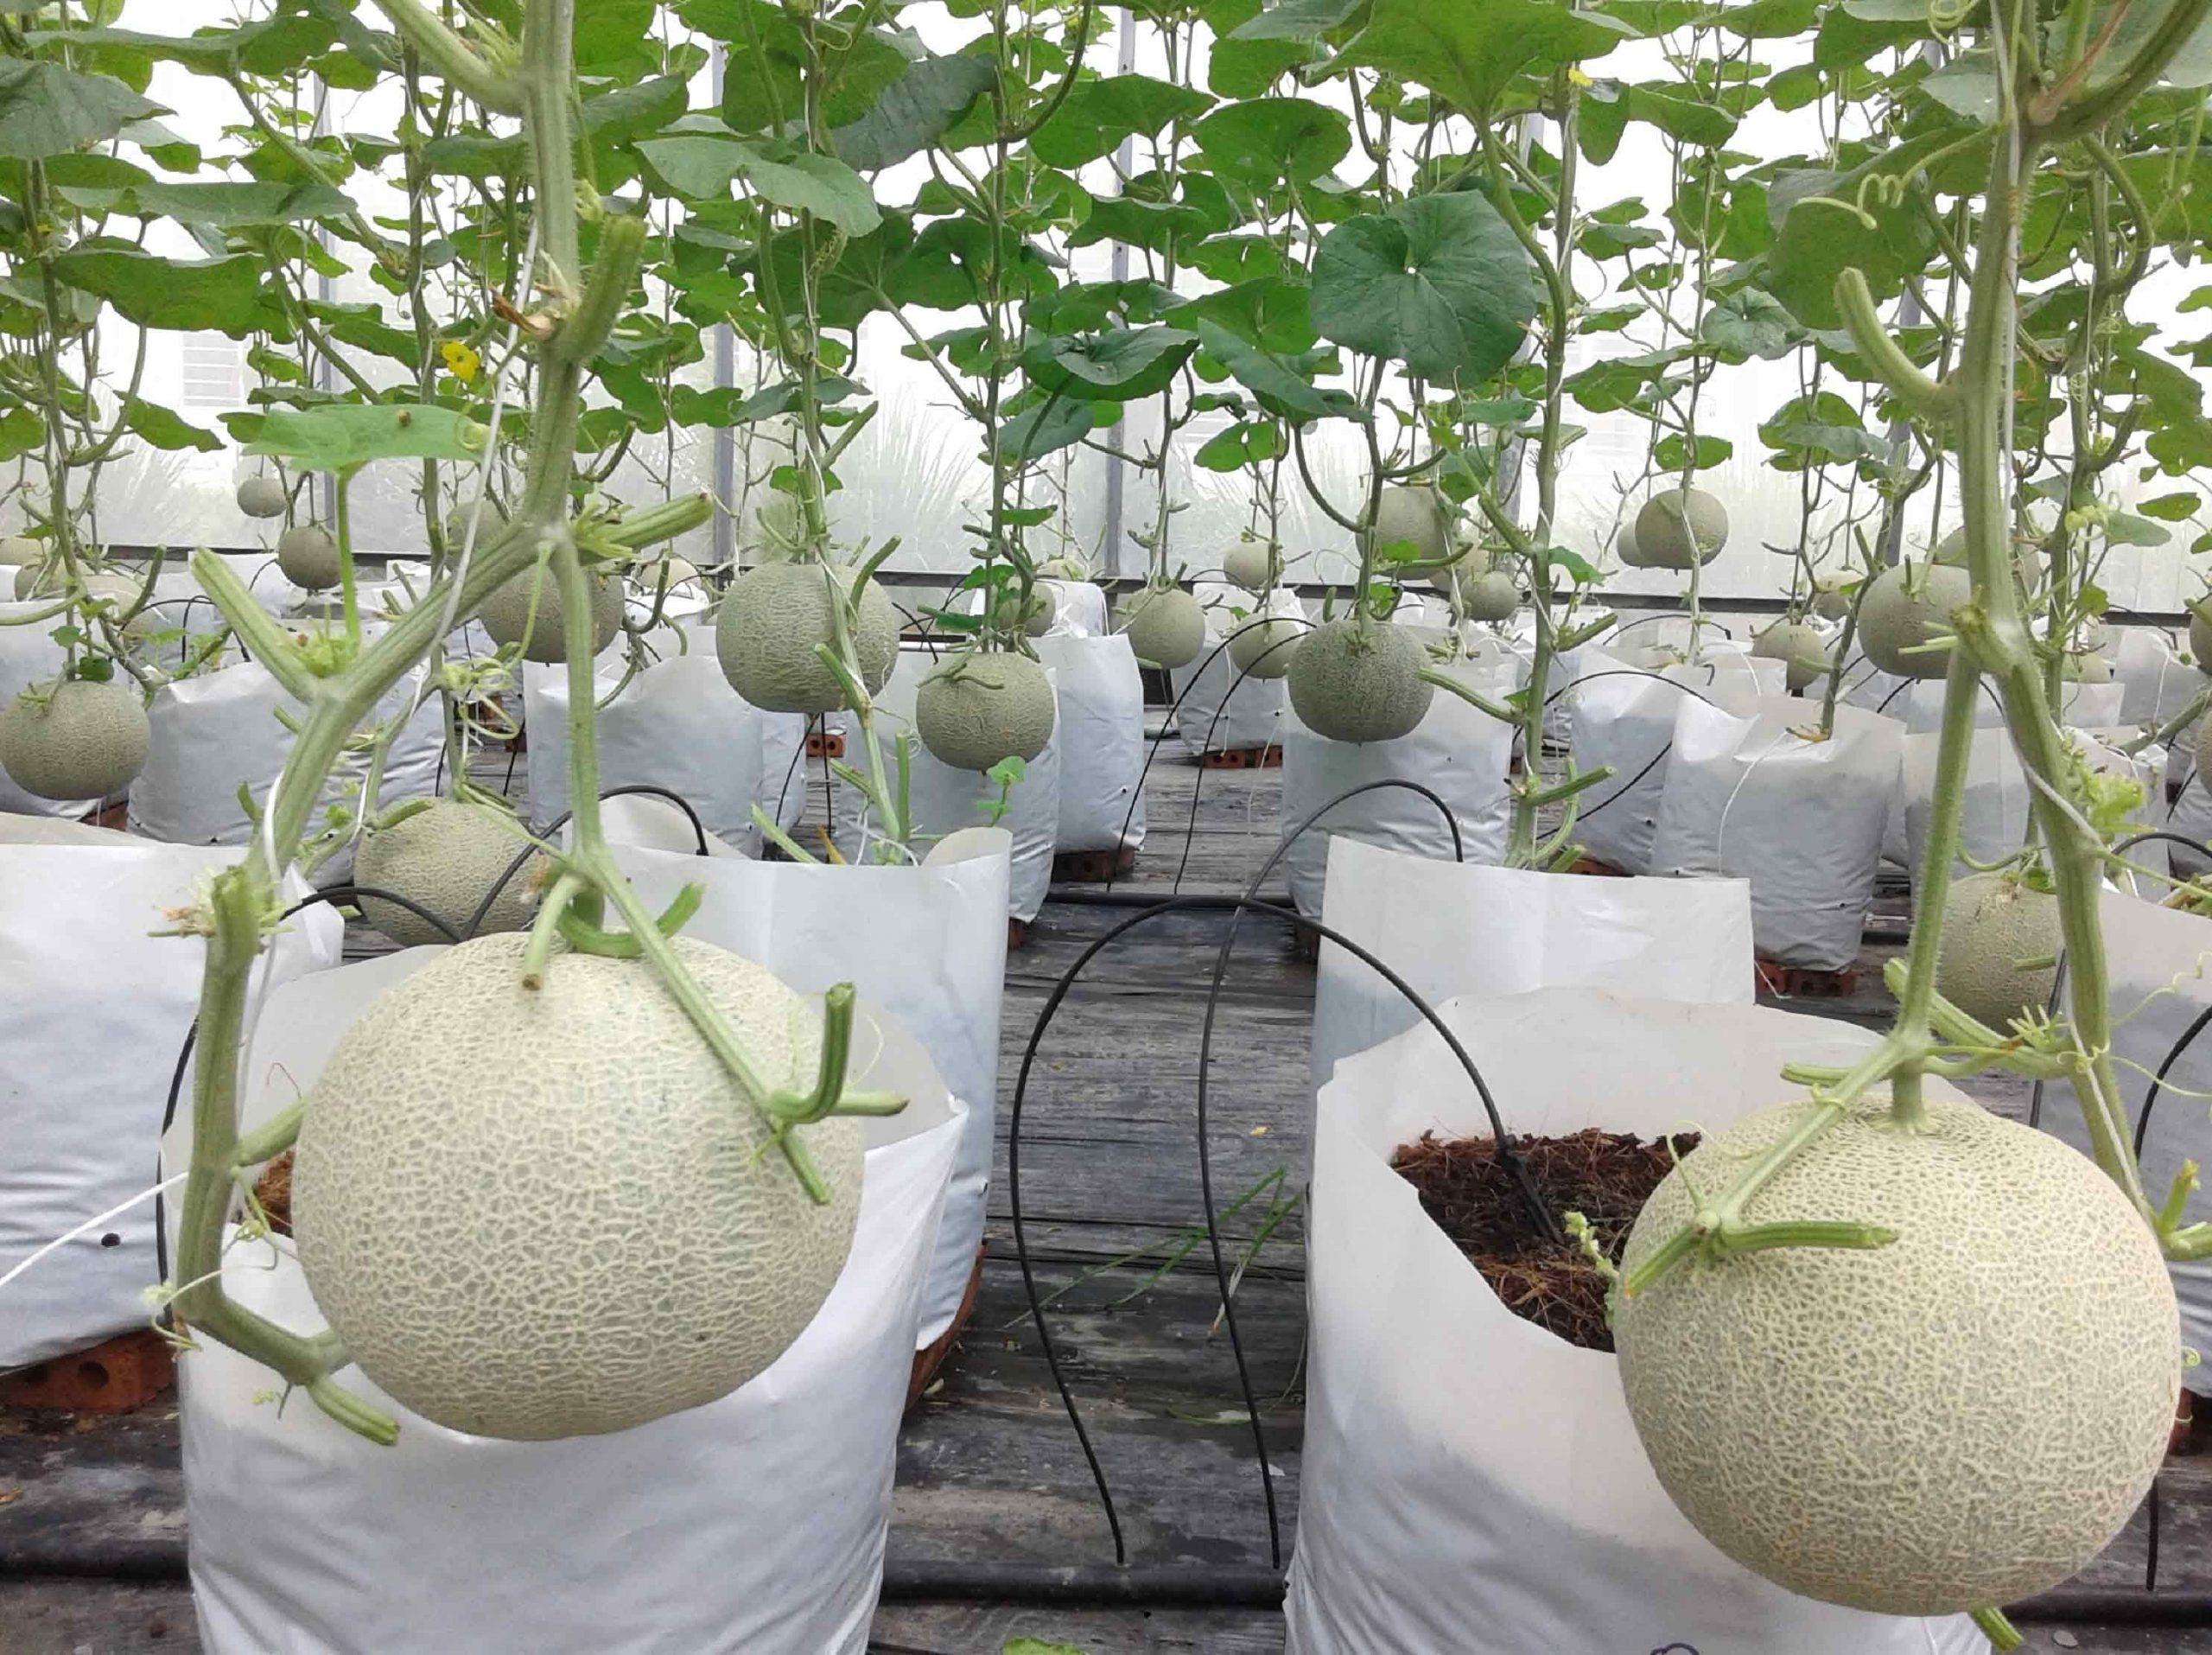 Đất trồng dưa lưới tốt